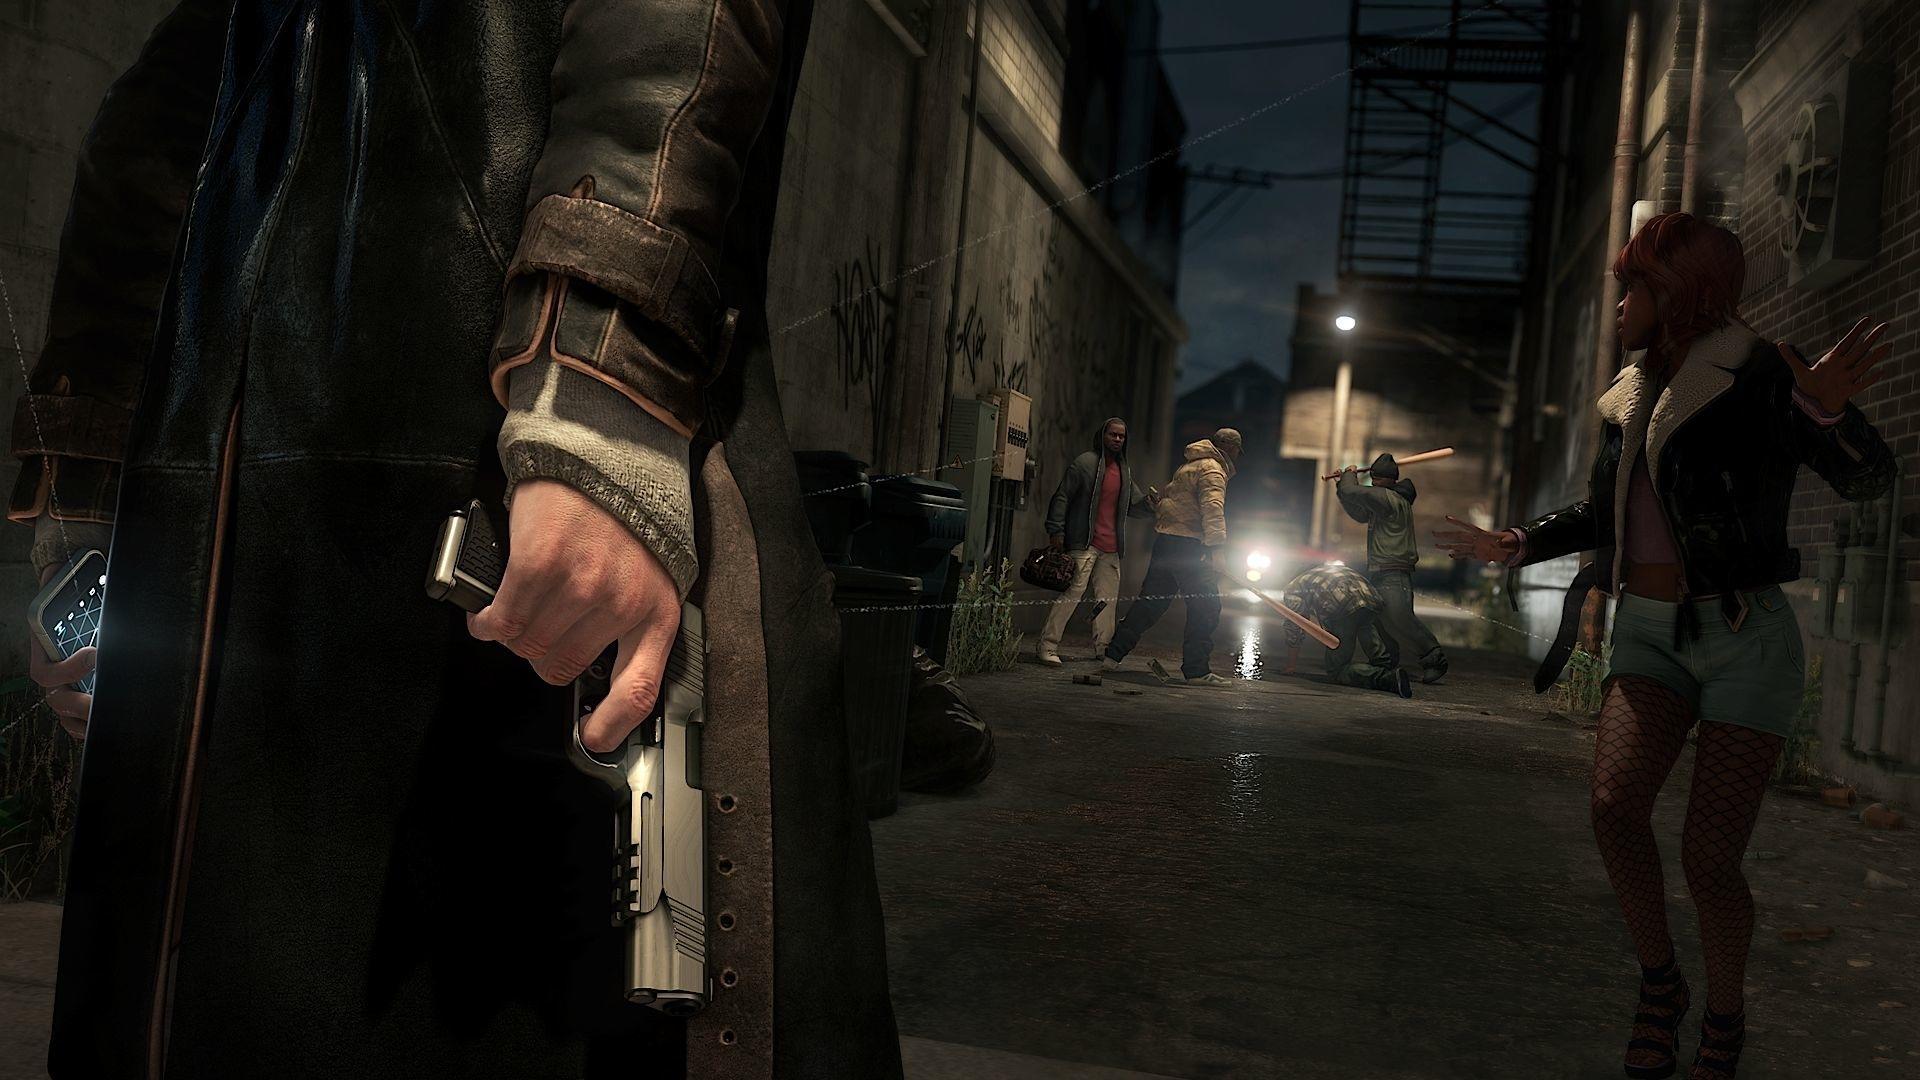 1394141747-watch-dogs-vigilante-alley.jpg